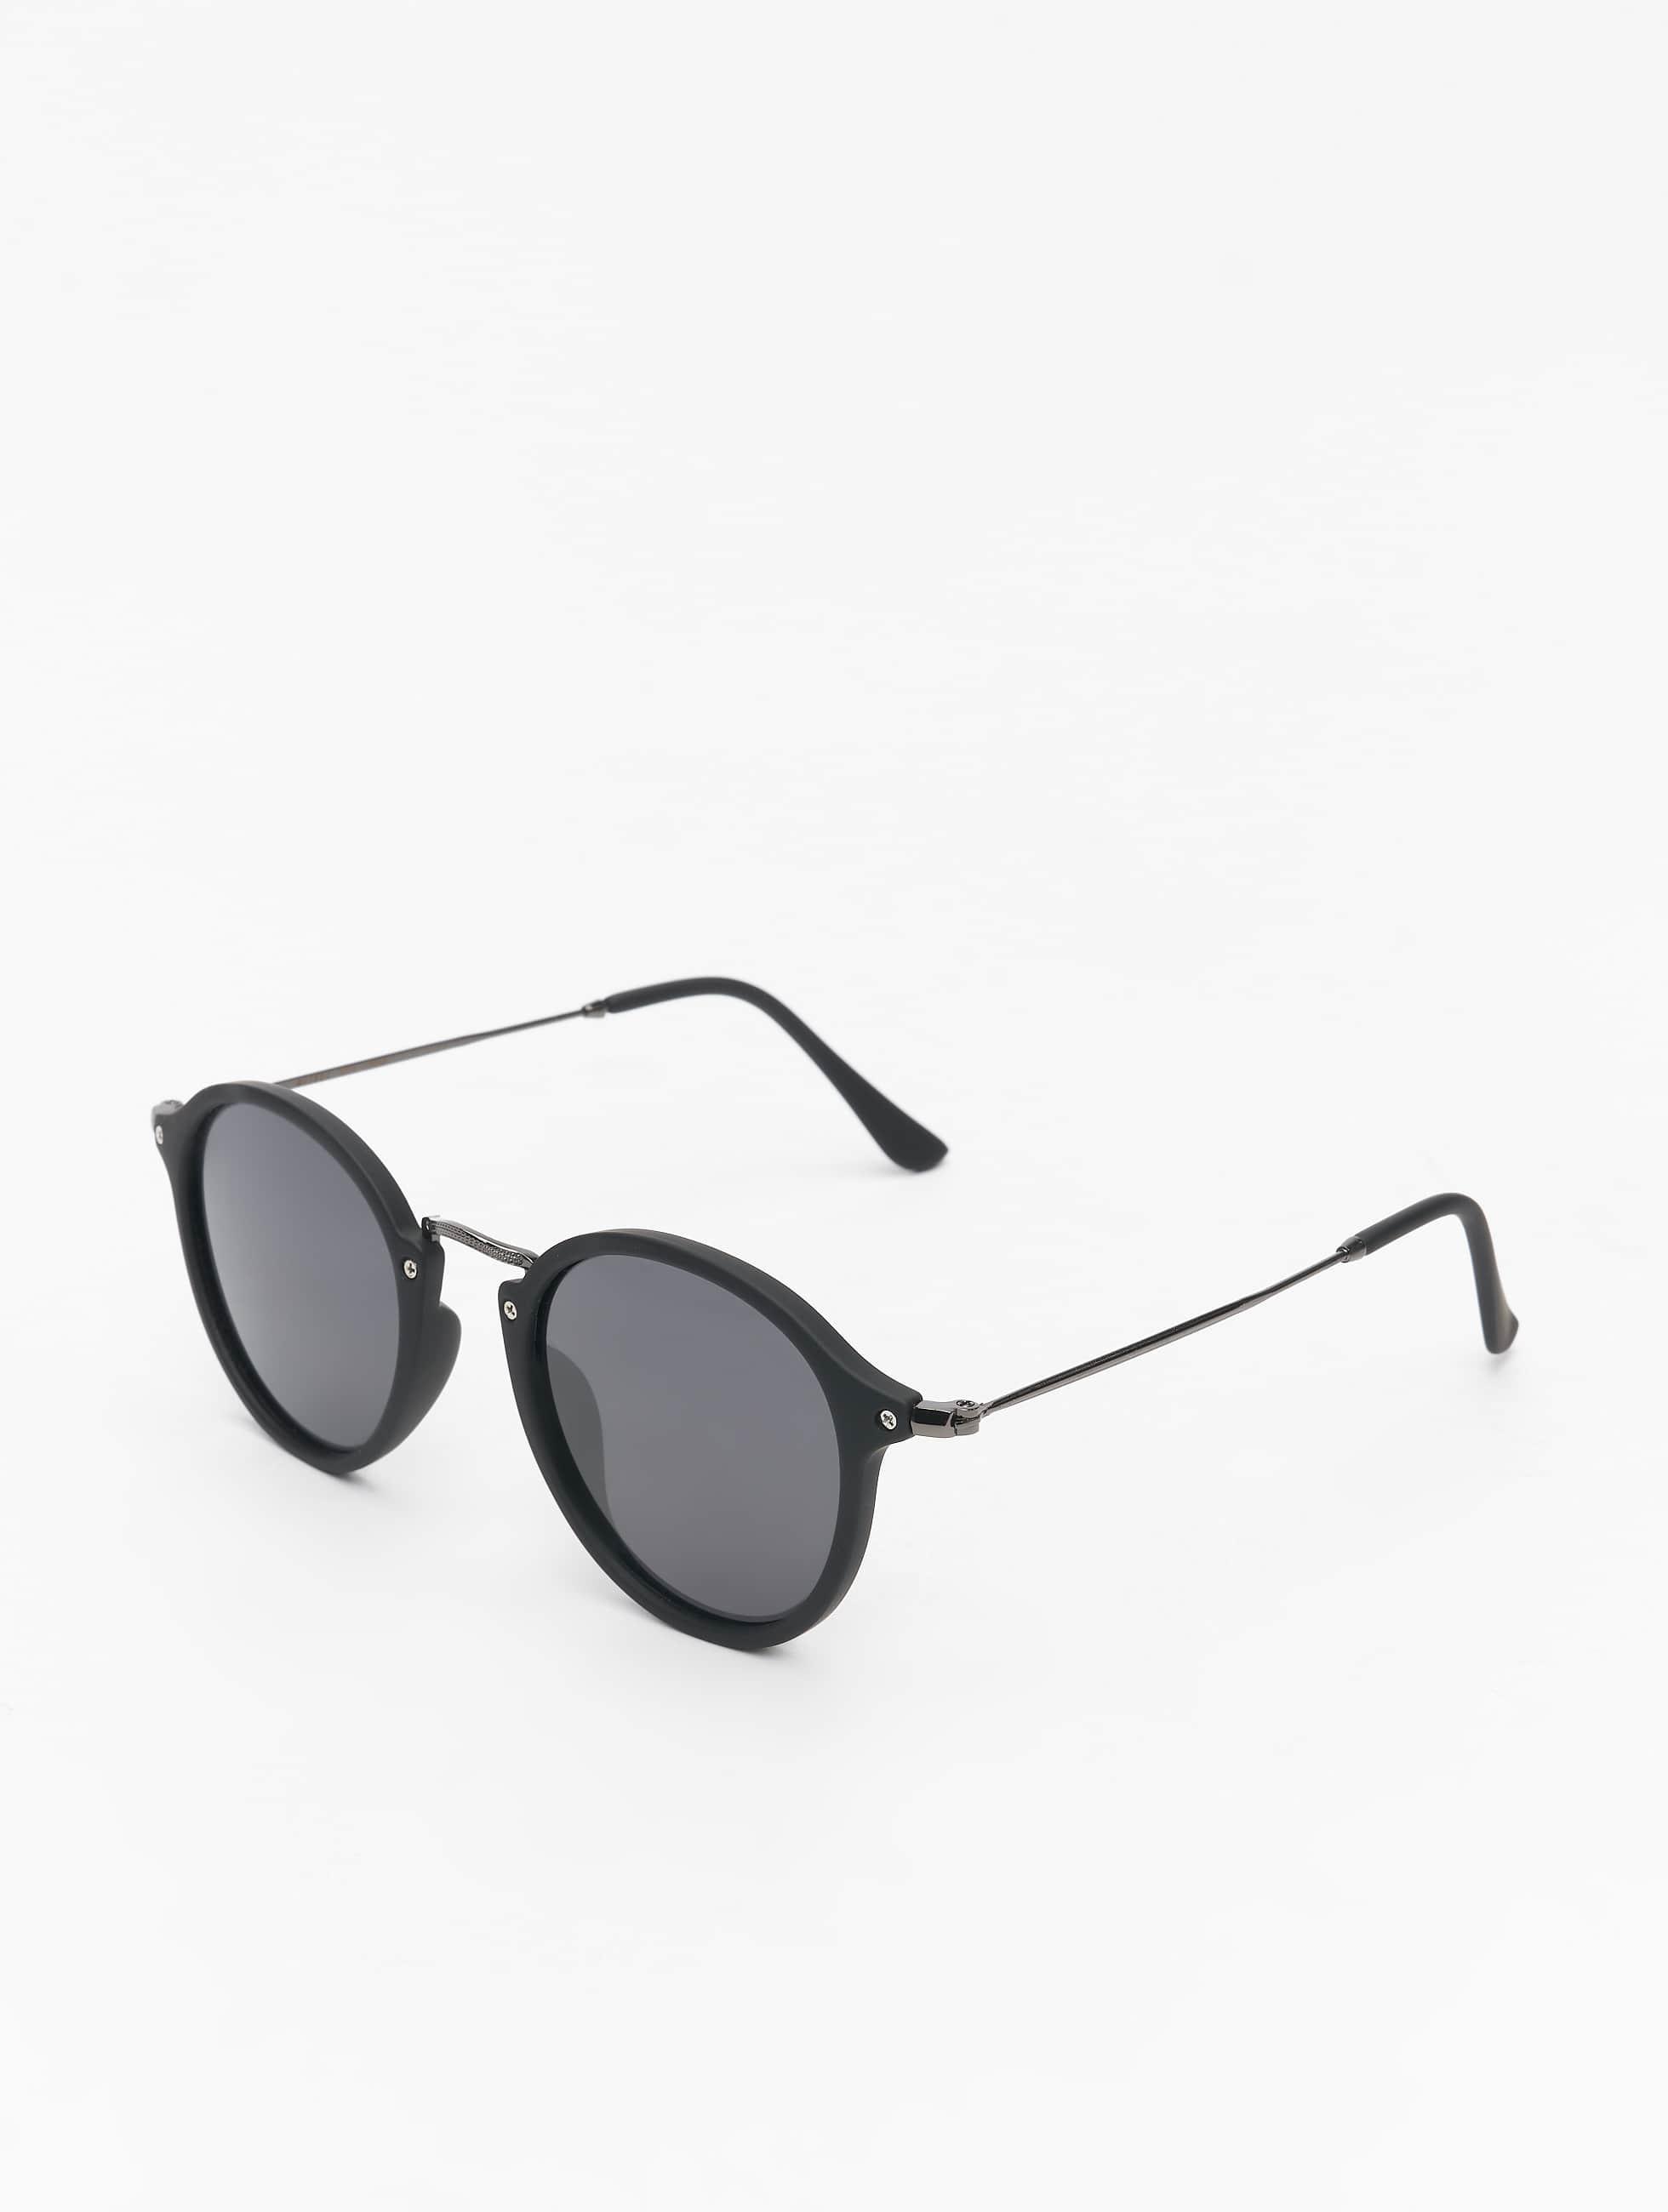 MSTRDS Accessoires / Lunettes de soleil Spy Polarized Mirror en noir